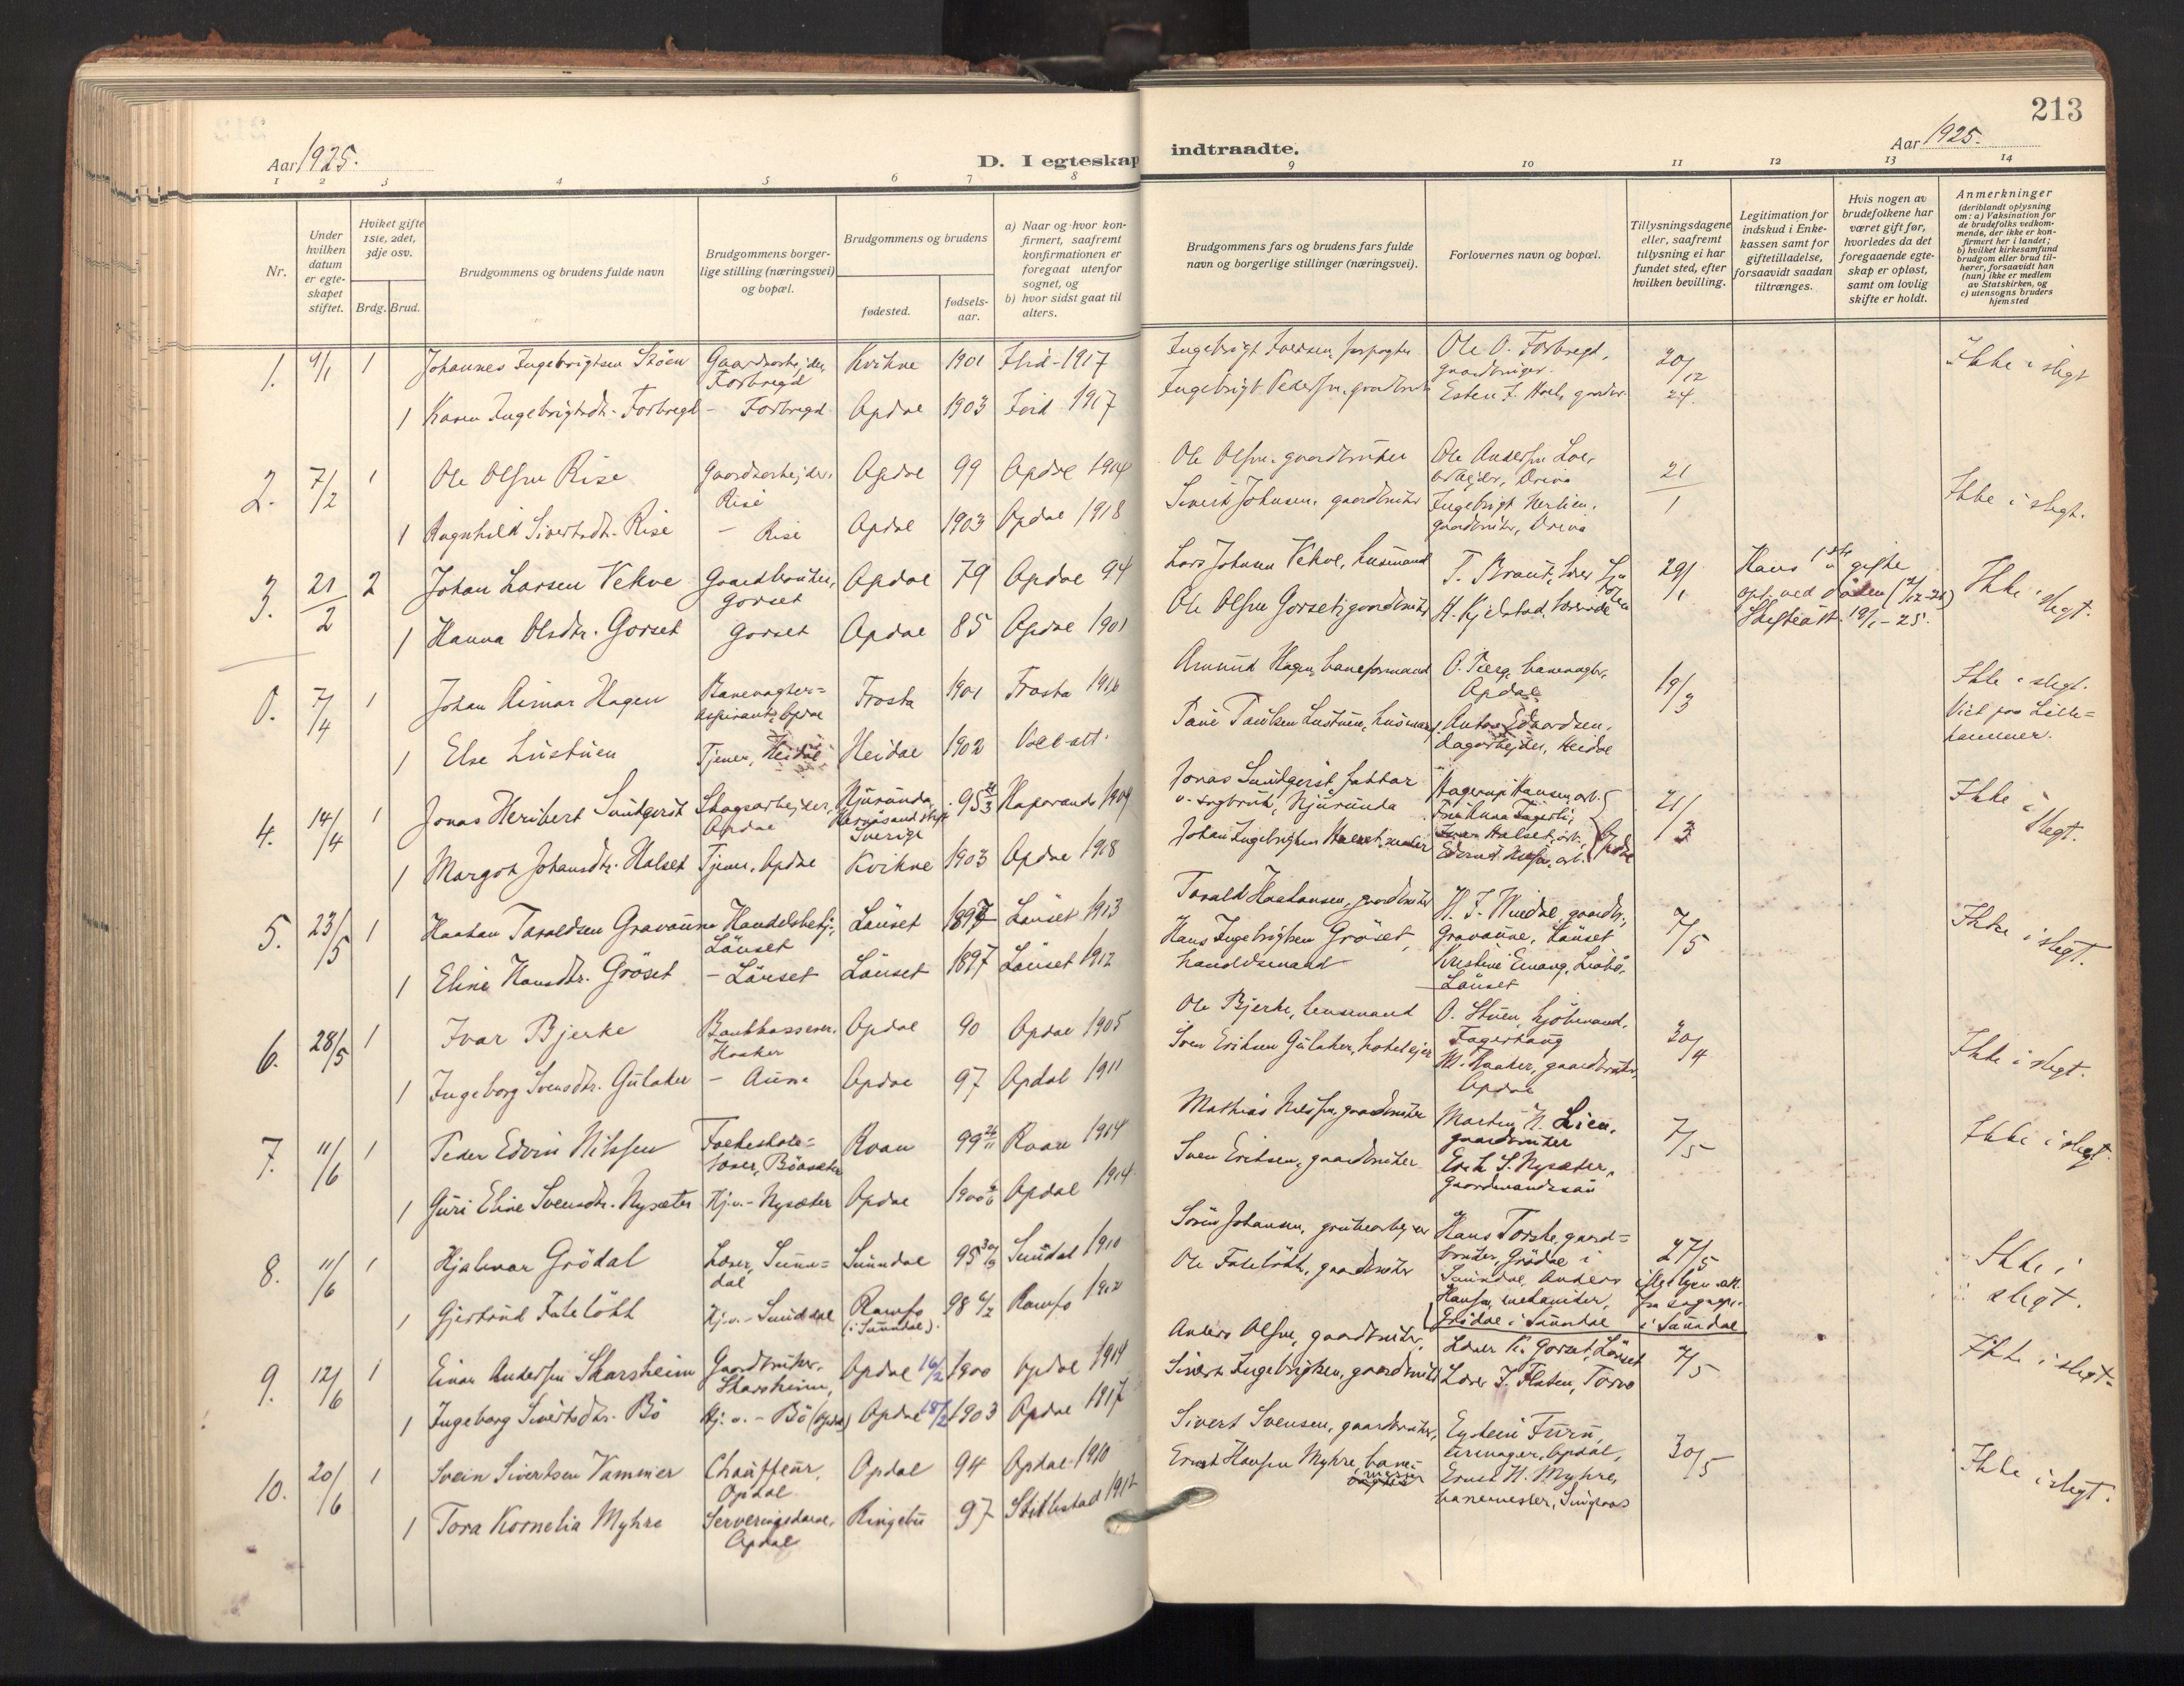 SAT, Ministerialprotokoller, klokkerbøker og fødselsregistre - Sør-Trøndelag, 678/L0909: Ministerialbok nr. 678A17, 1912-1930, s. 213